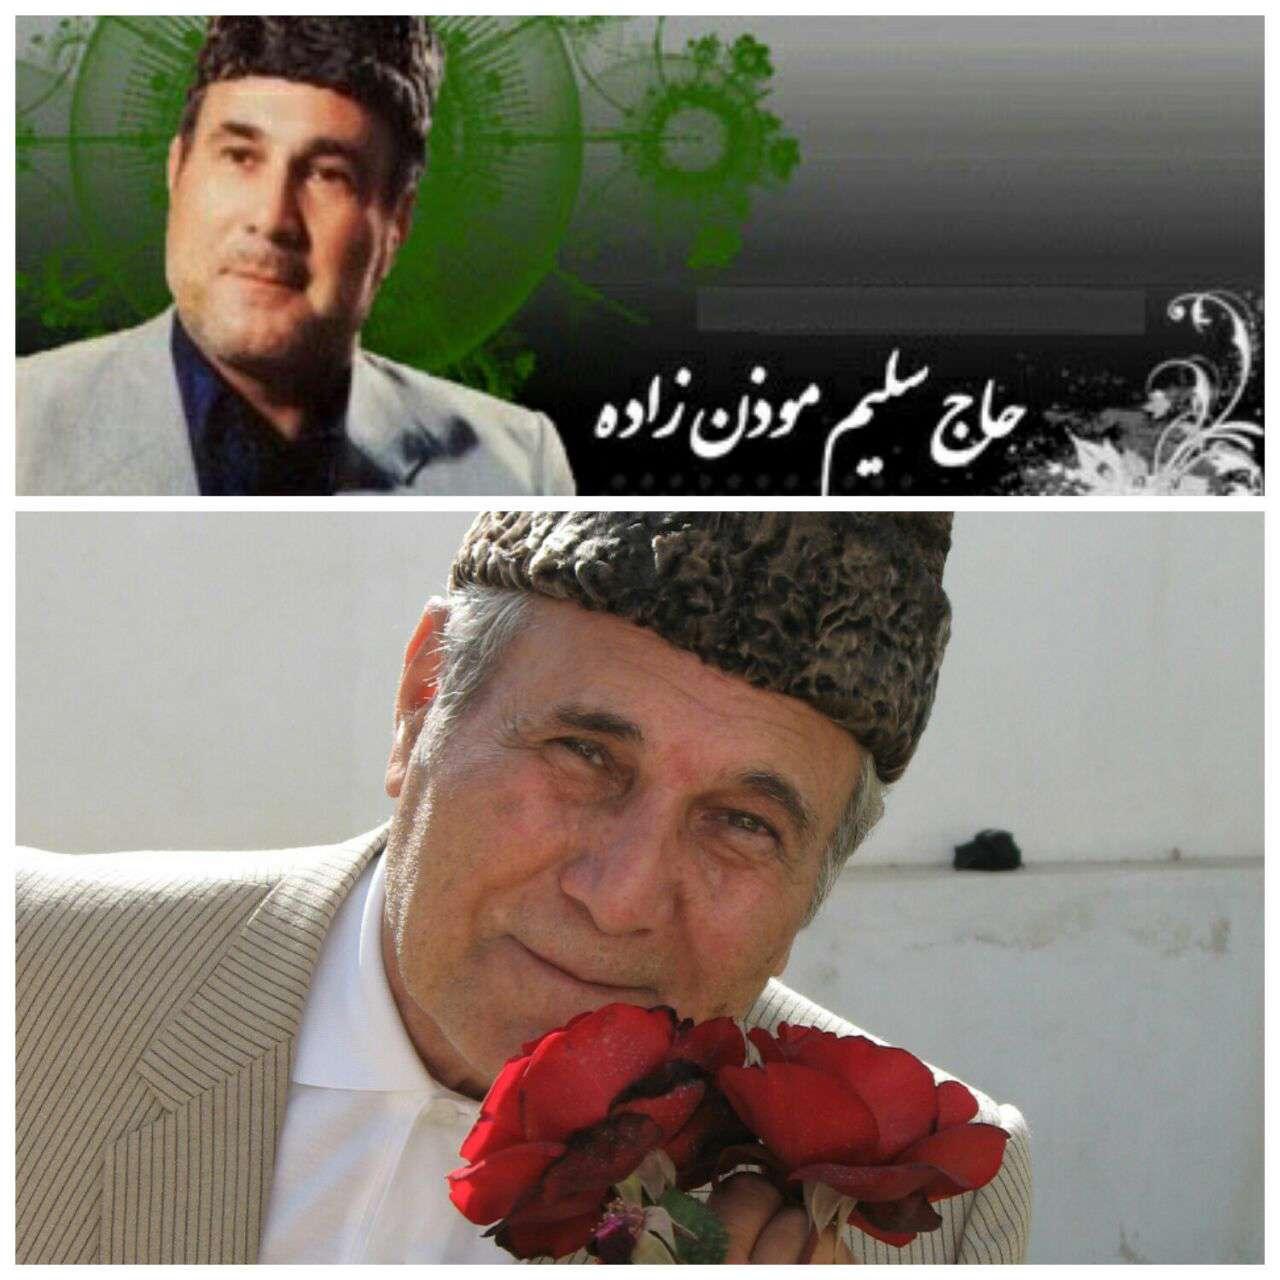 استاد سلیم موذنزاده پیرغلام و ذاکر برجسته کشور صبح امروز درگذشت